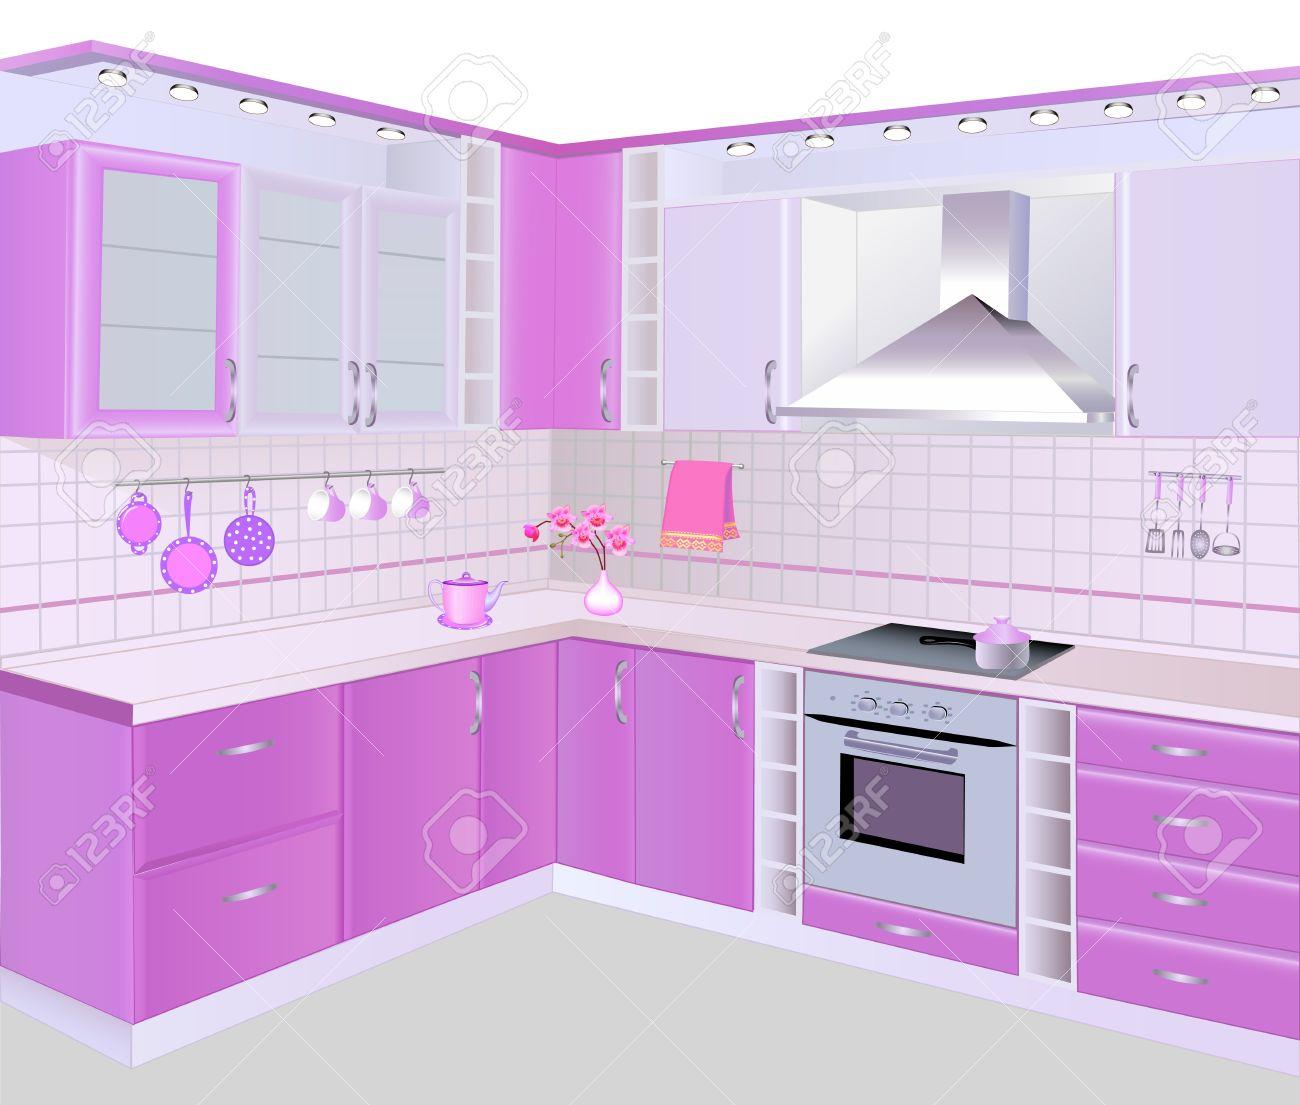 22151262 ilustraci n interior de la cocina con muebles de color rosa y azulejos foto de archivojpg - Racholas De Bao